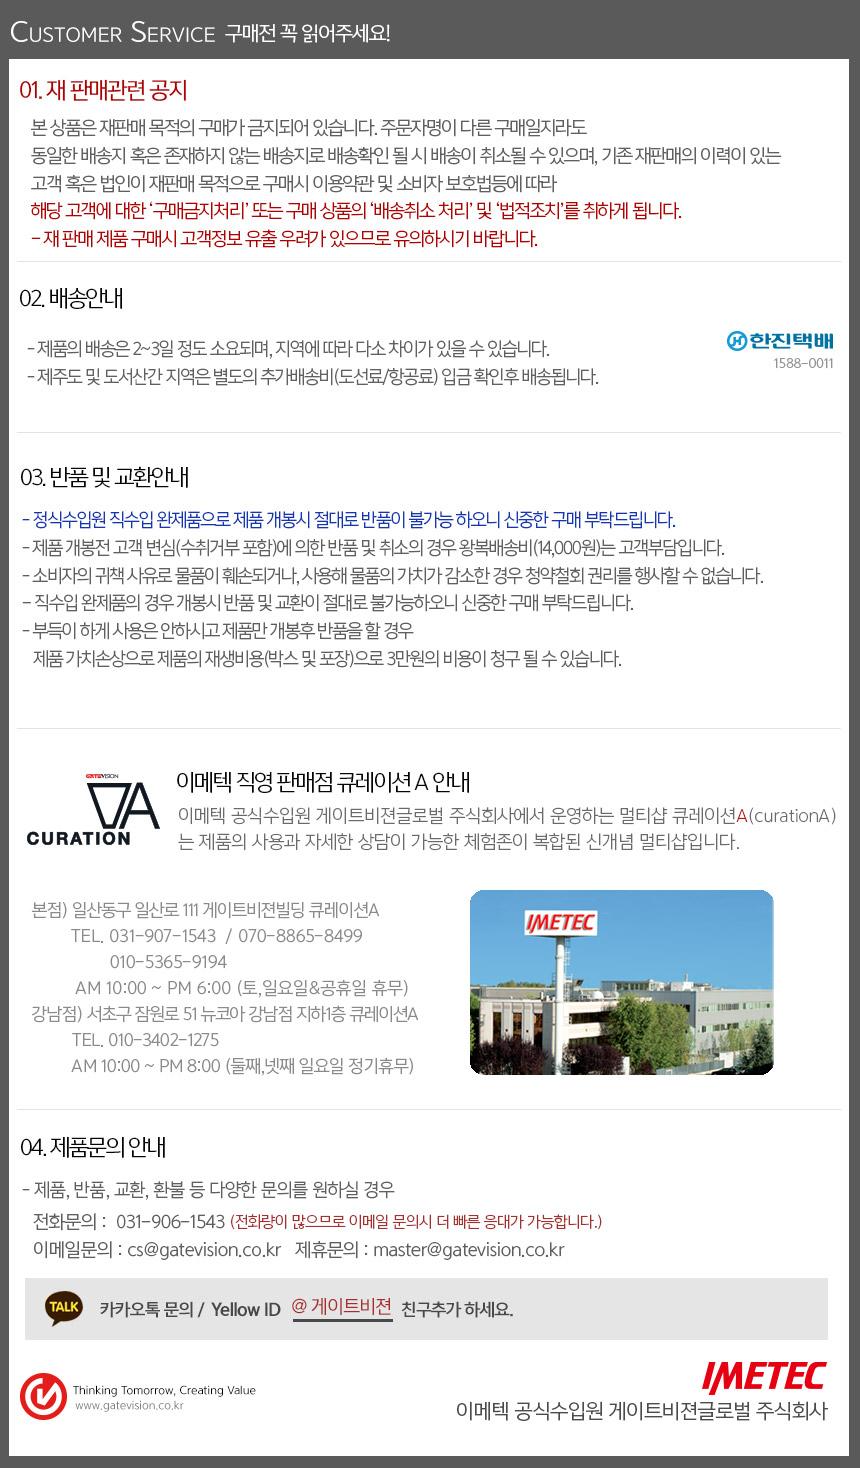 info_imetec_ag.jpg